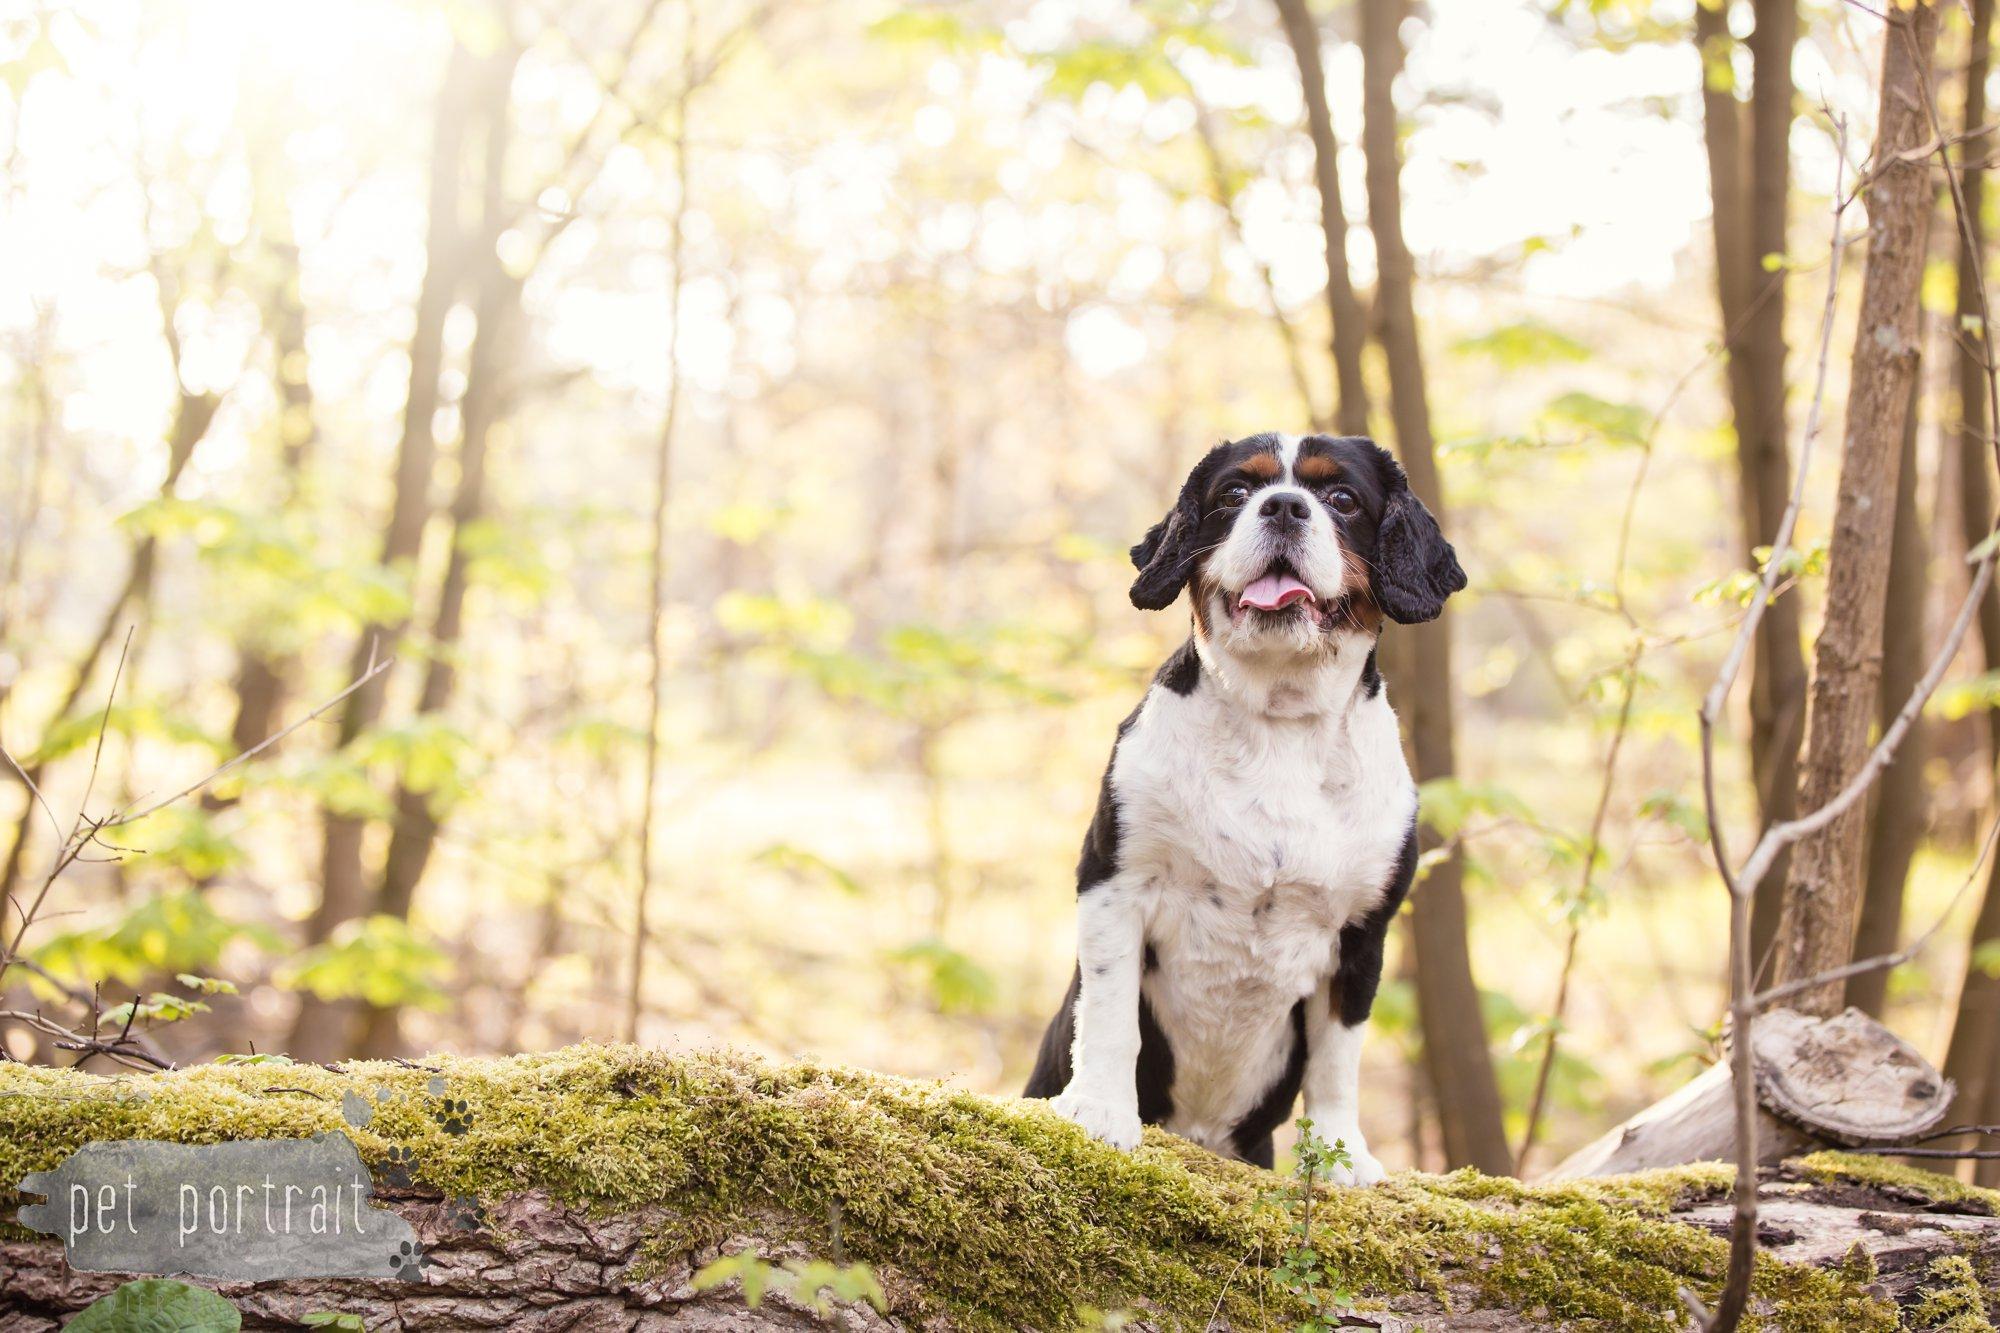 Hondenfotograaf Wassenaar - Cavalier King Charles Spaniel Pepper-6